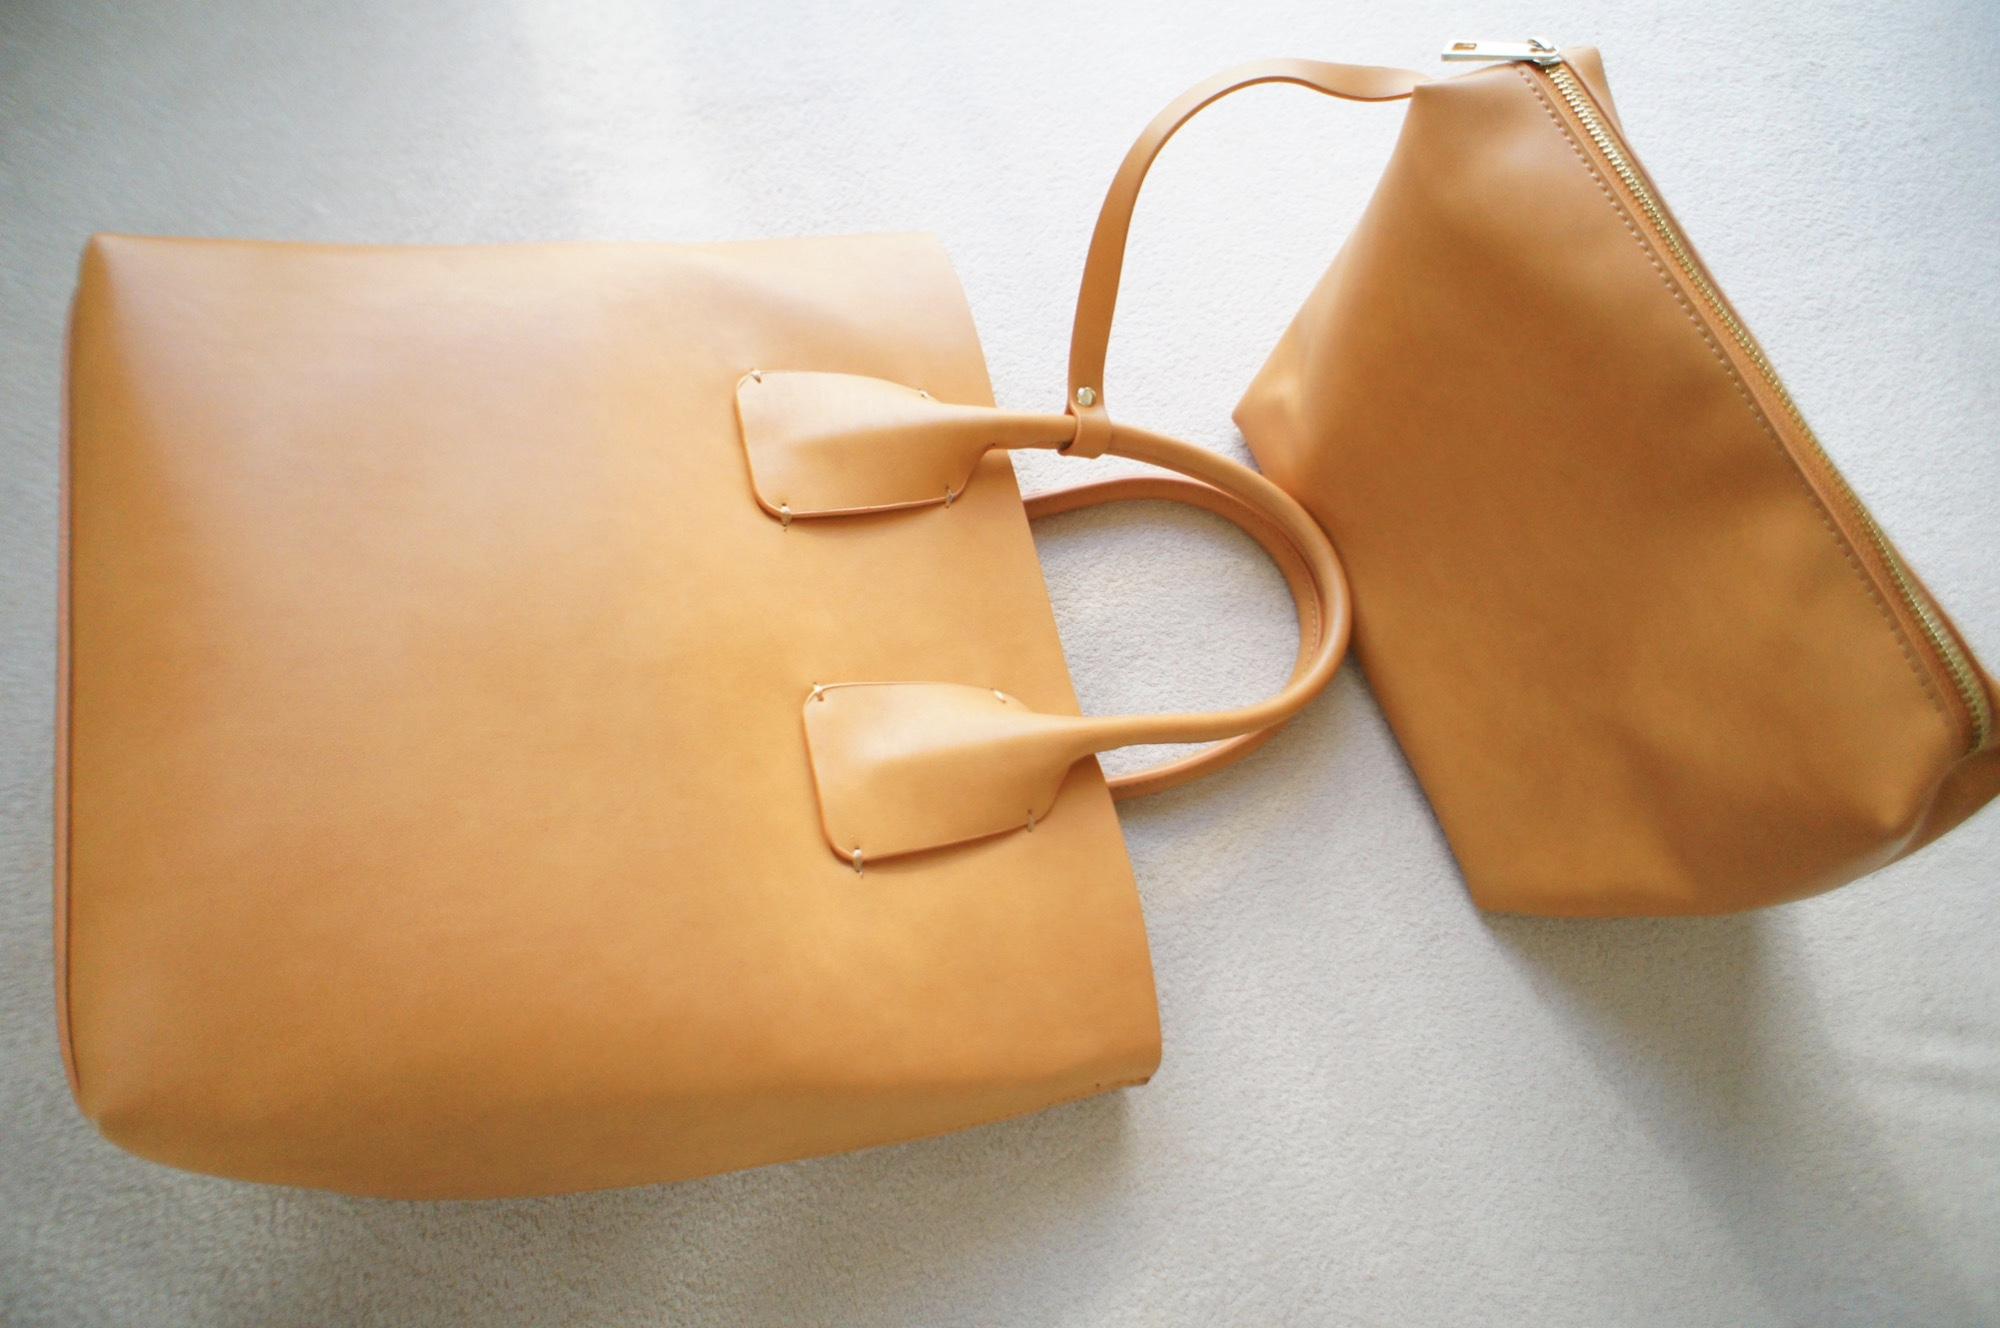 《#ザラジョ 必見❤️》【ZARA】のsaleで購入した2WAYトートバッグが優秀すぎる☻!_4